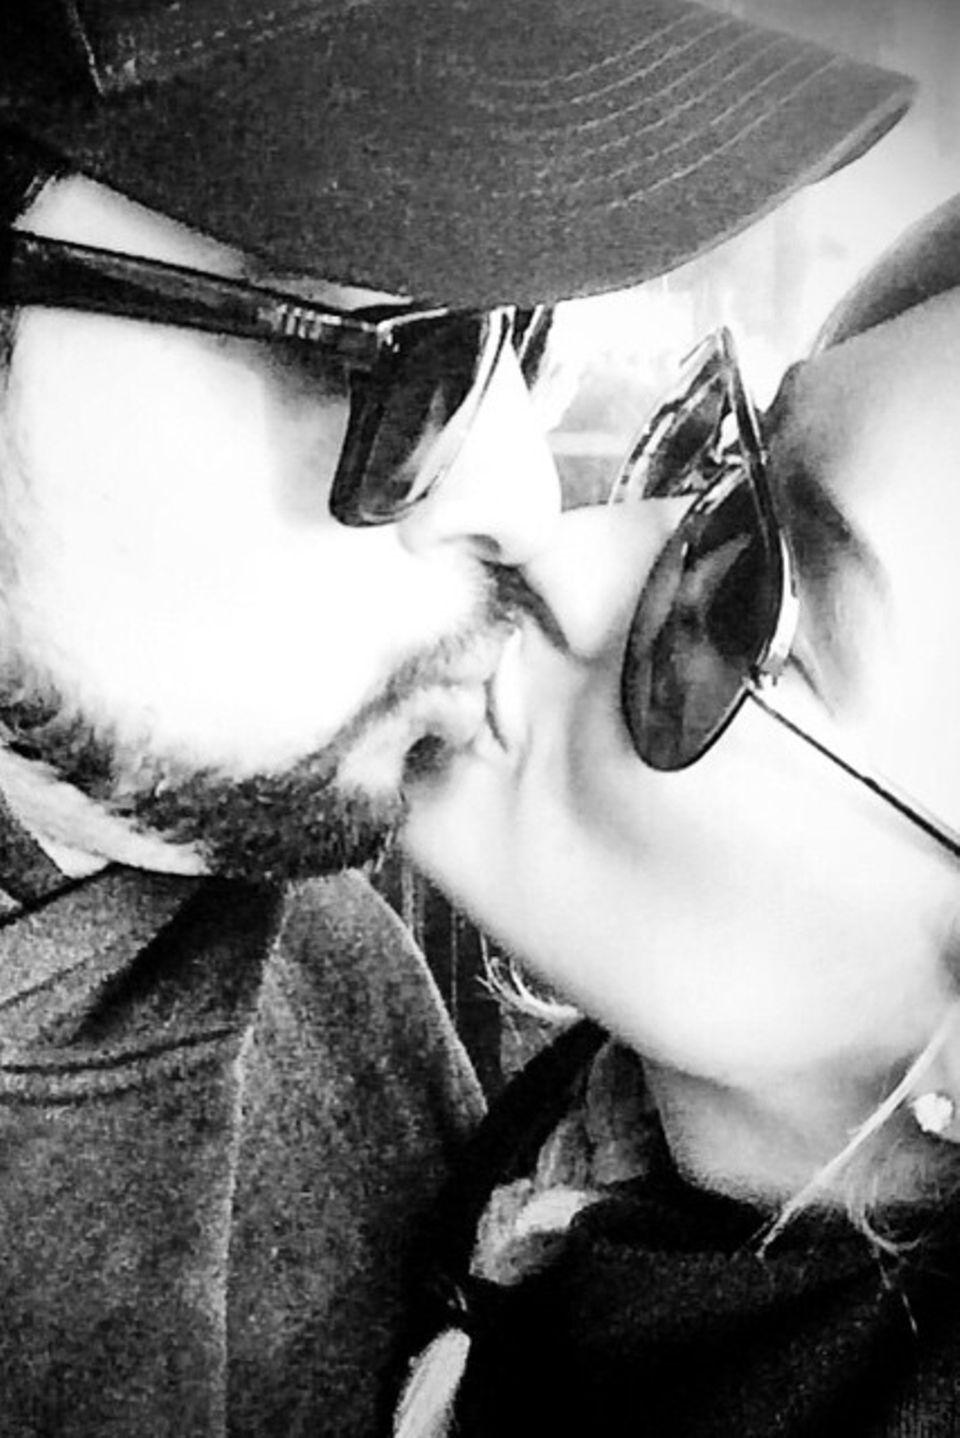 Mit diesem Foto bedankt sich Demi Lovato bei ihrem Freund Wilmer Valderrama, der auch in ihrer schwersten Zeit immer für sie da war.